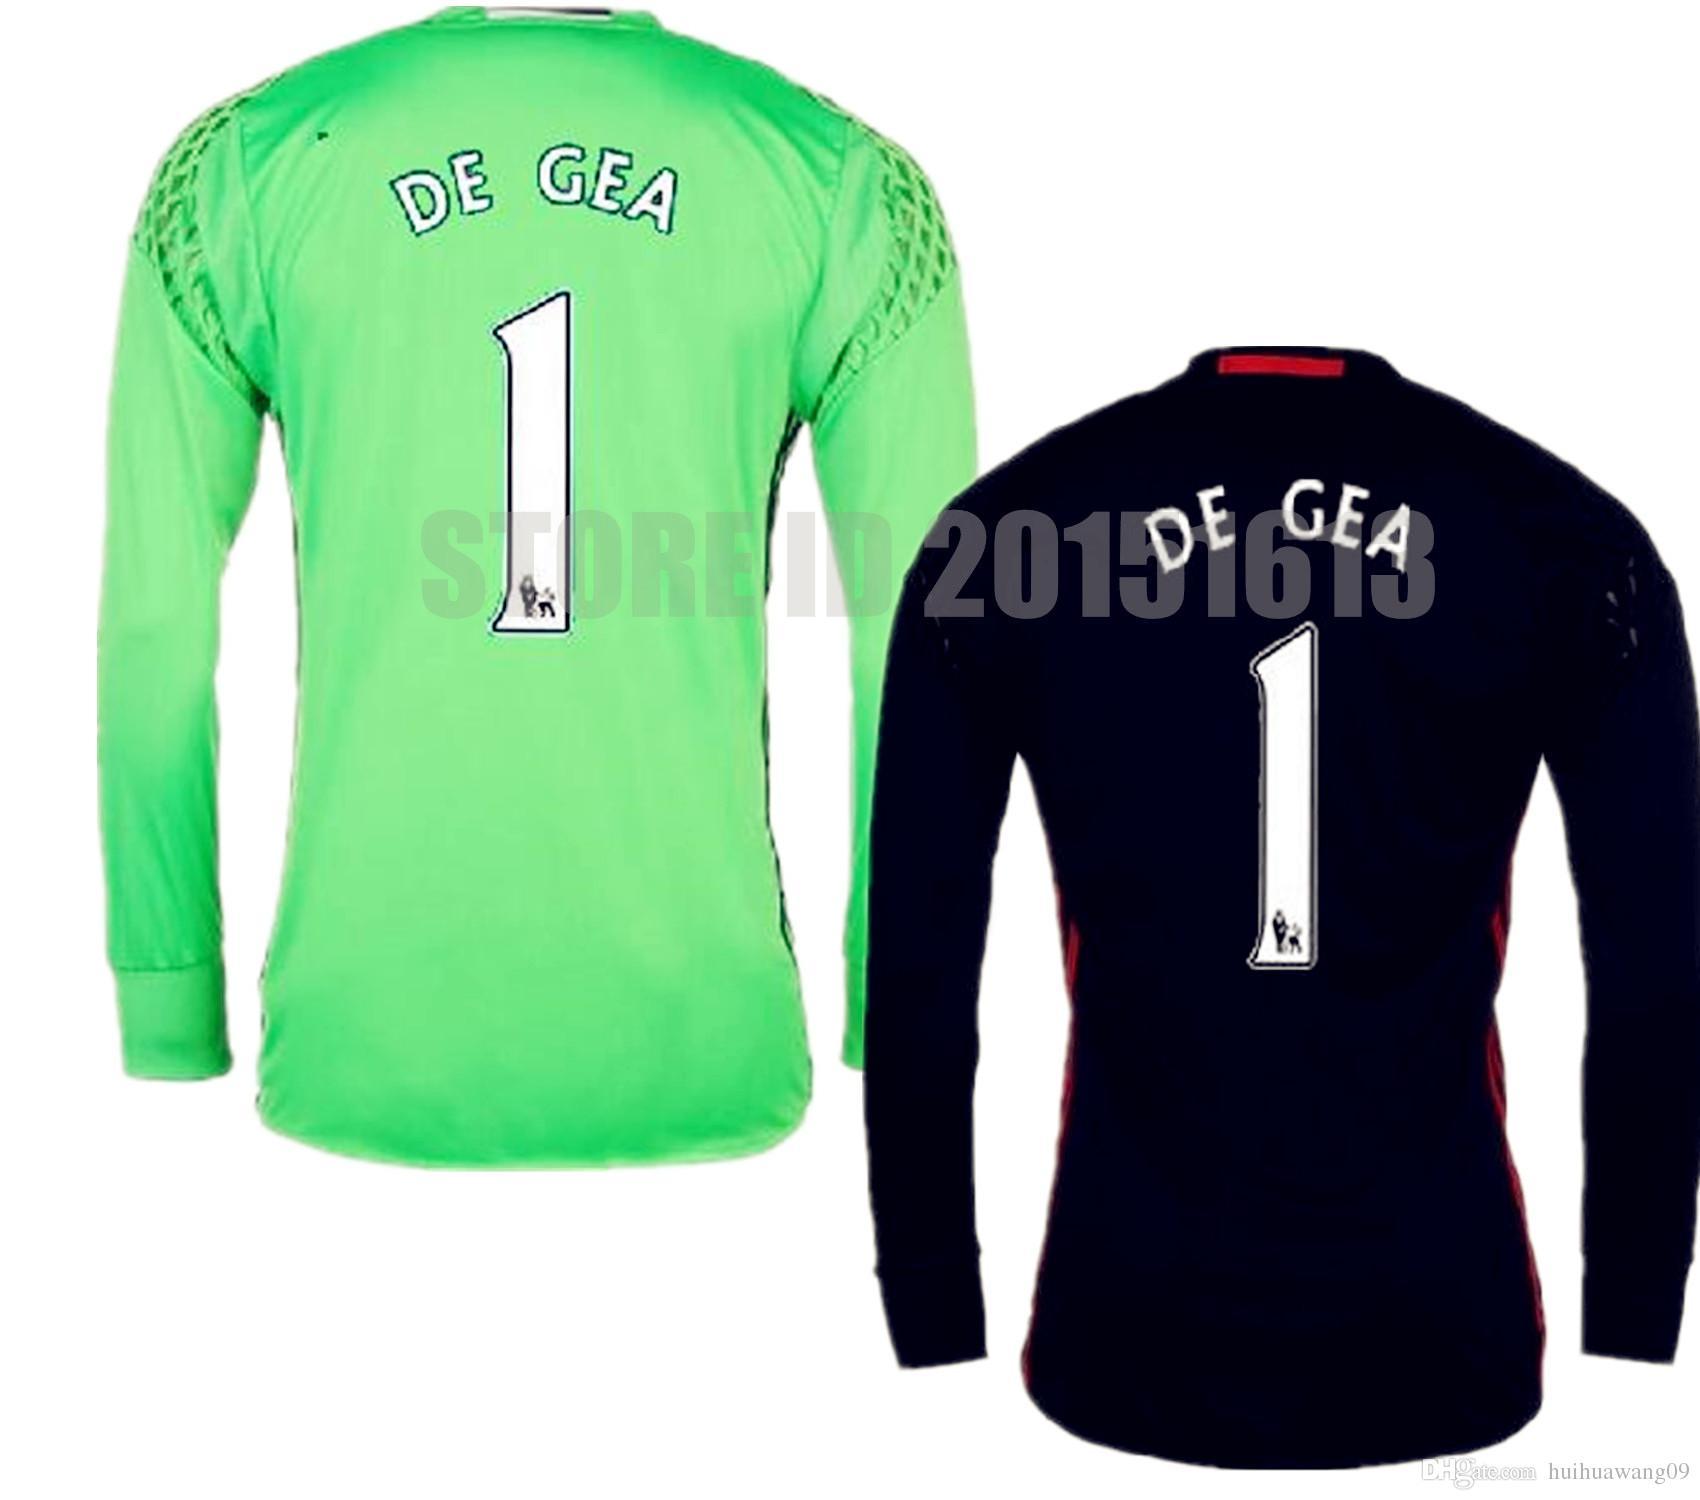 27071e69249 ... store manchester united soccer men full thailand long sleeve 1 de gea  goalkeeper jersey 68c3d a8341